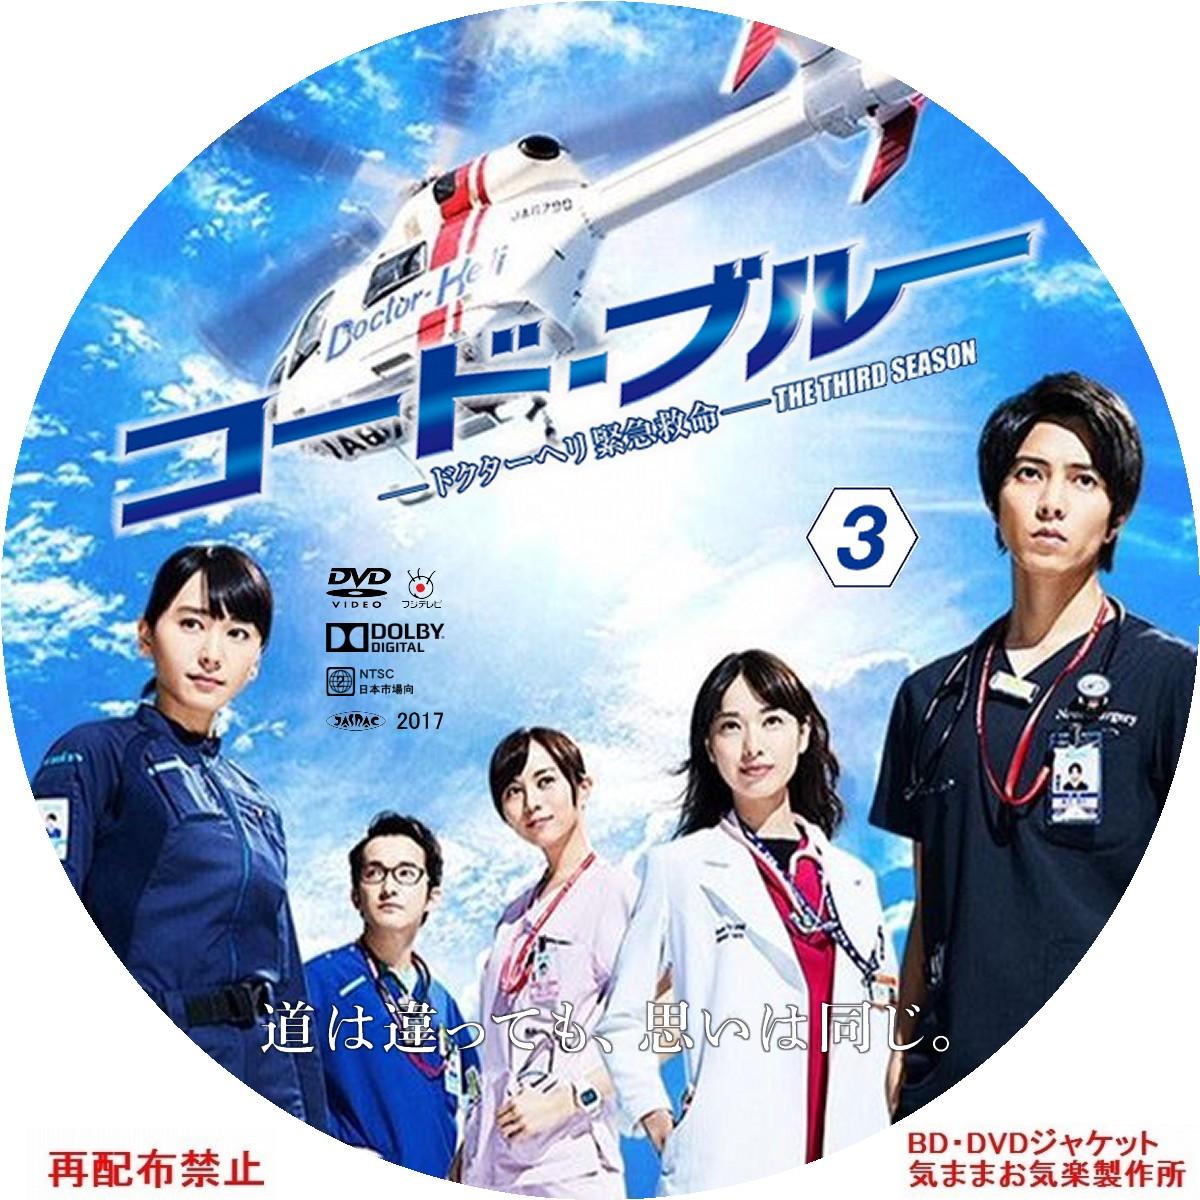 code_blue_3rd_DVD03.jpg